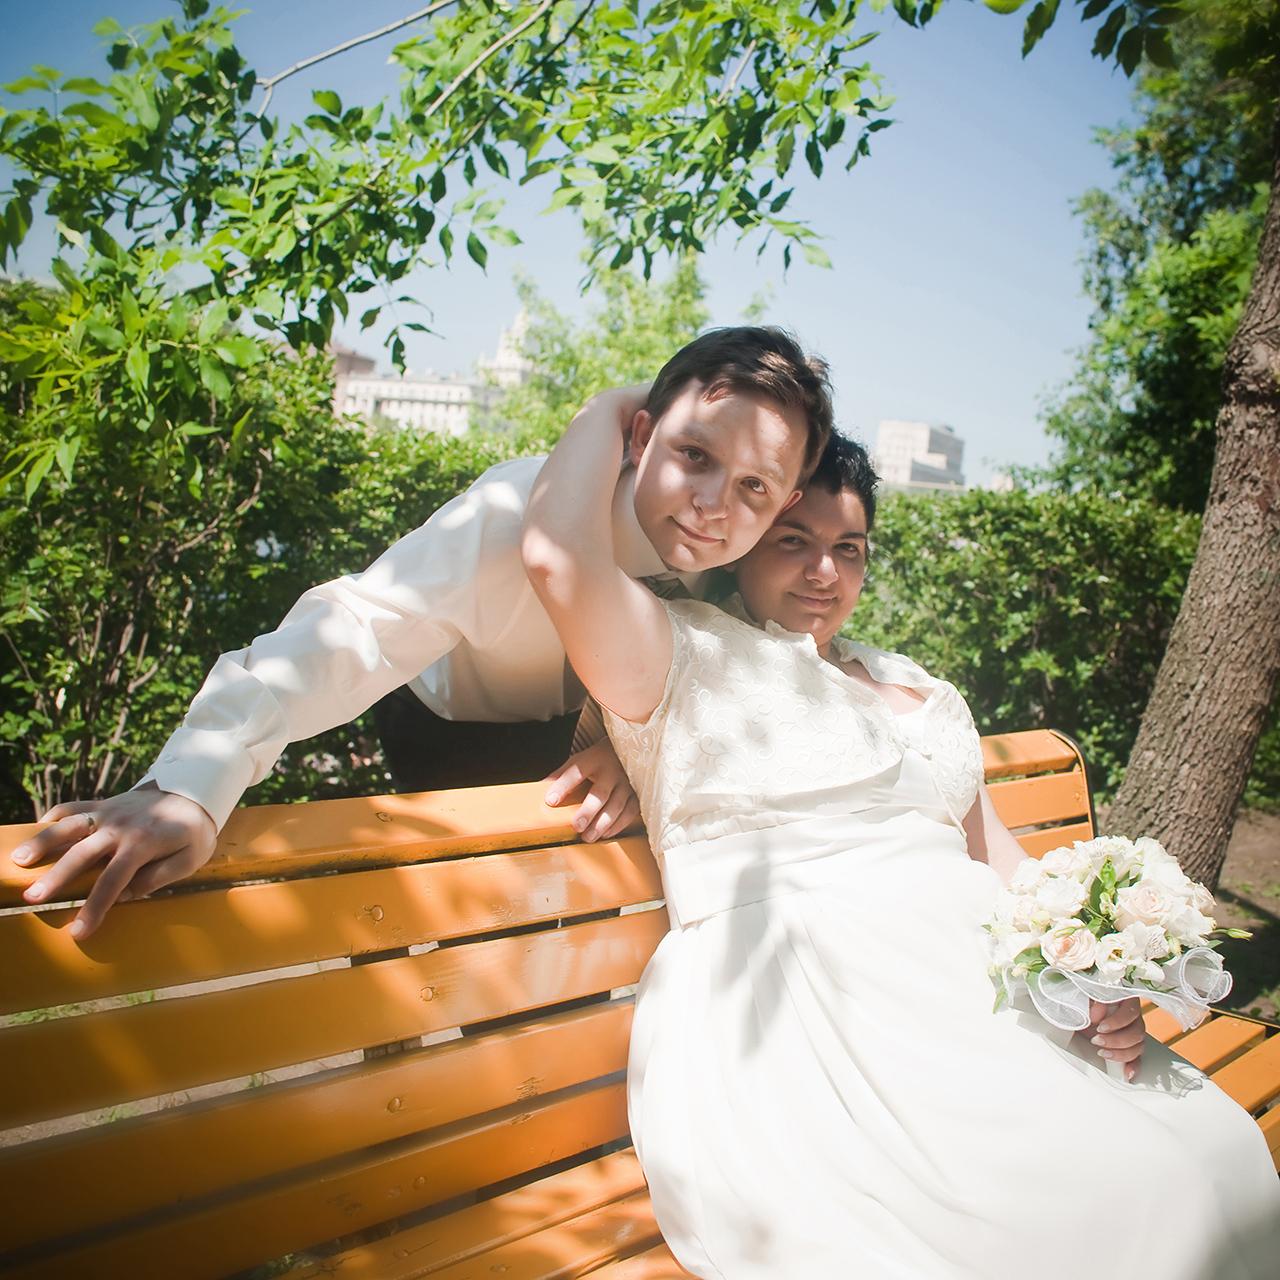 свадебное фото. профессиональный фотограф Кирилл Толль